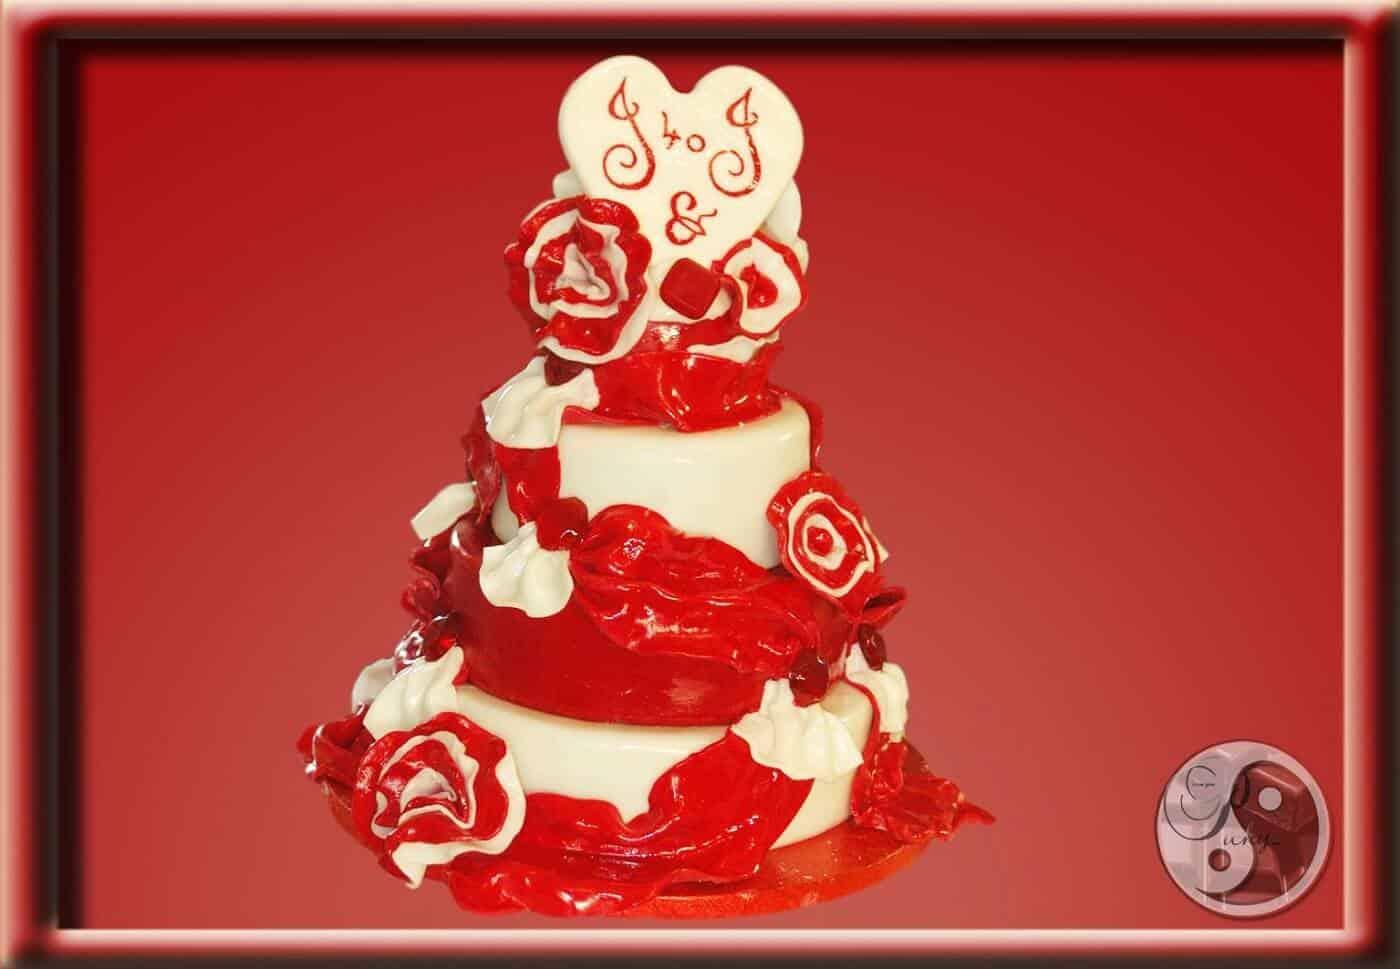 Elegantní dort v rubínově-bílé barvě s drapérií, květy, ručně litými karamelovými rubíny a topperem v podobě srdce z bílé čokolády s vyrytými iniciály.